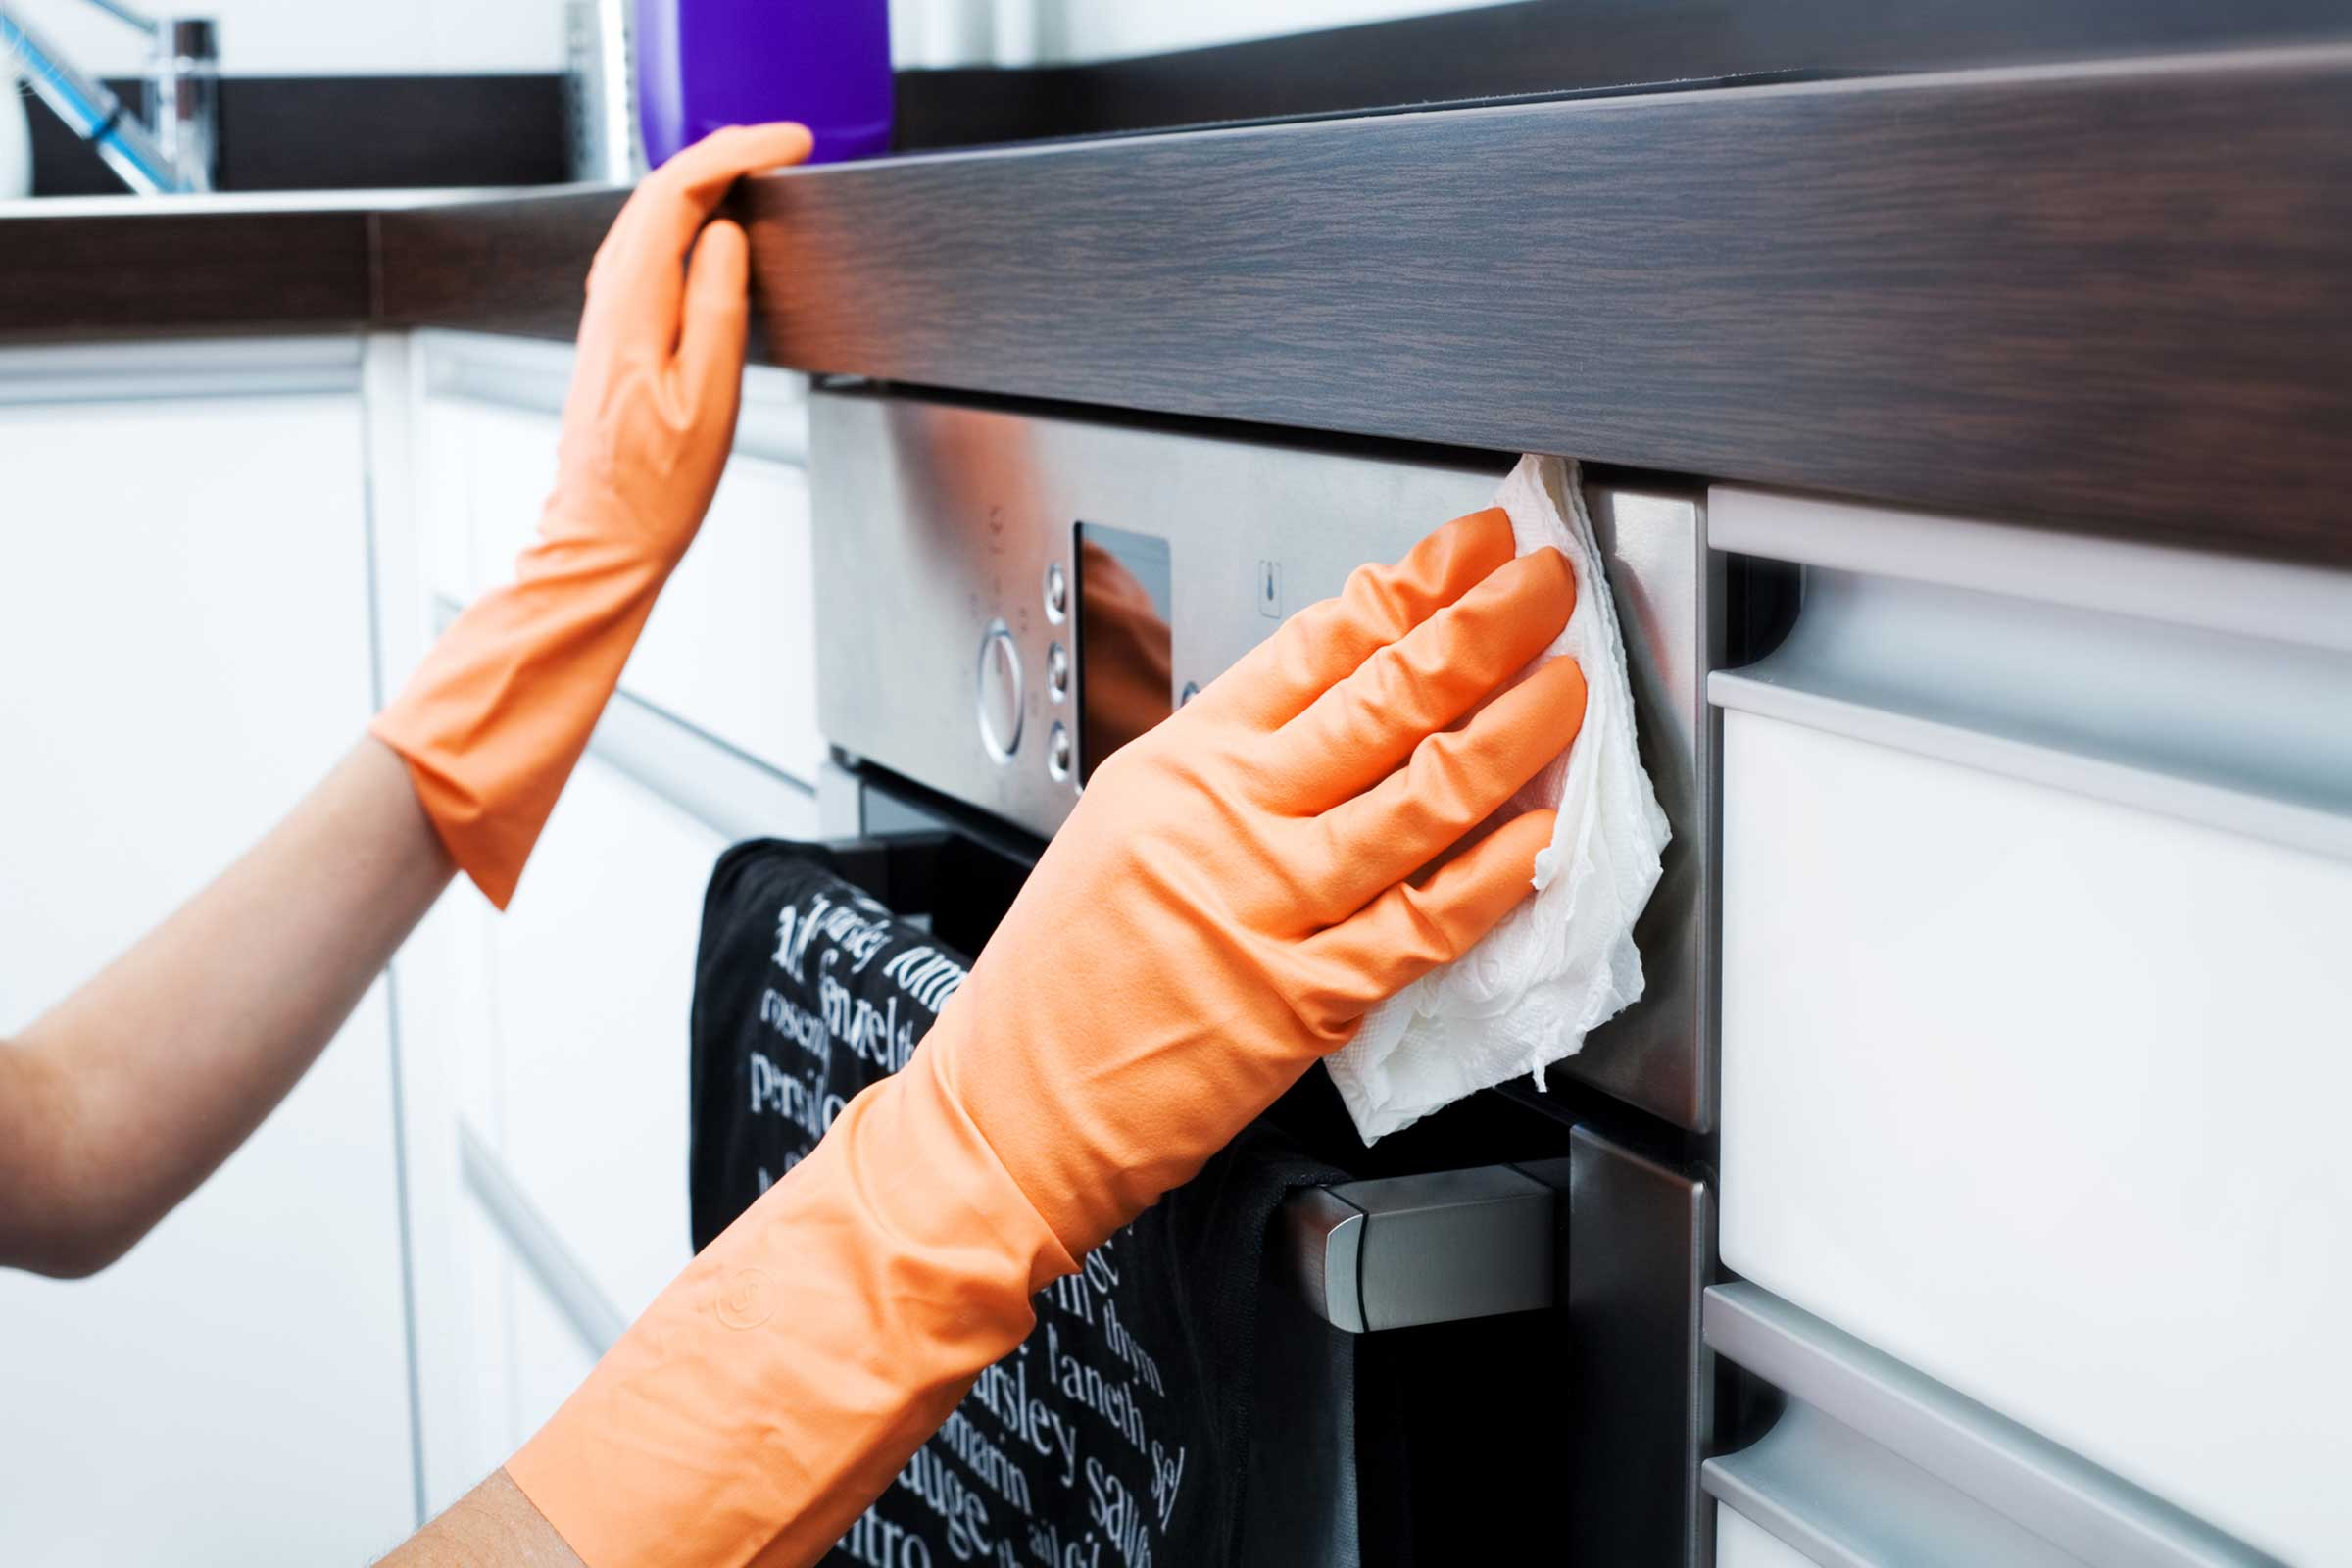 شركة تنظيف مطابخ وازاله الدهون الفجيرة